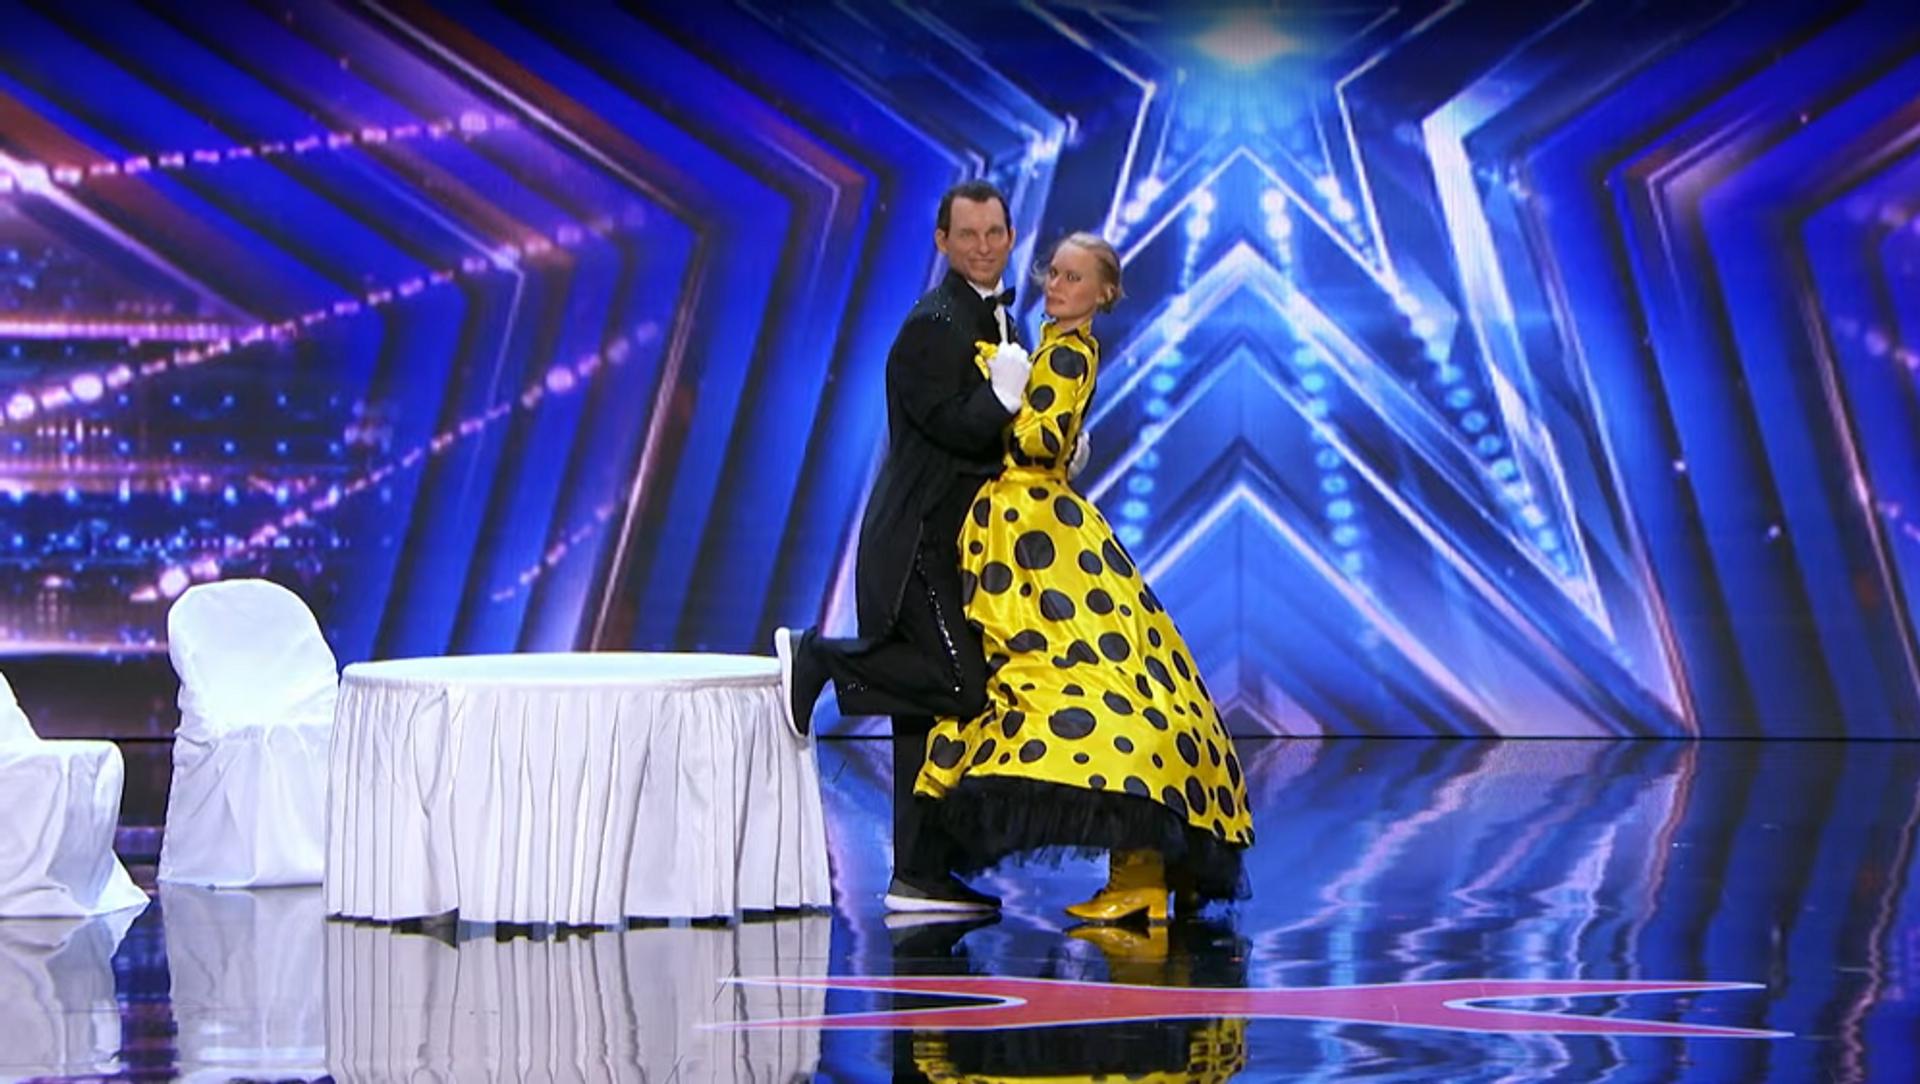 Россиянин шокировал американцев странным танцевальным номером на шоу талантов США – видео - Sputnik Грузия, 1920, 21.07.2021